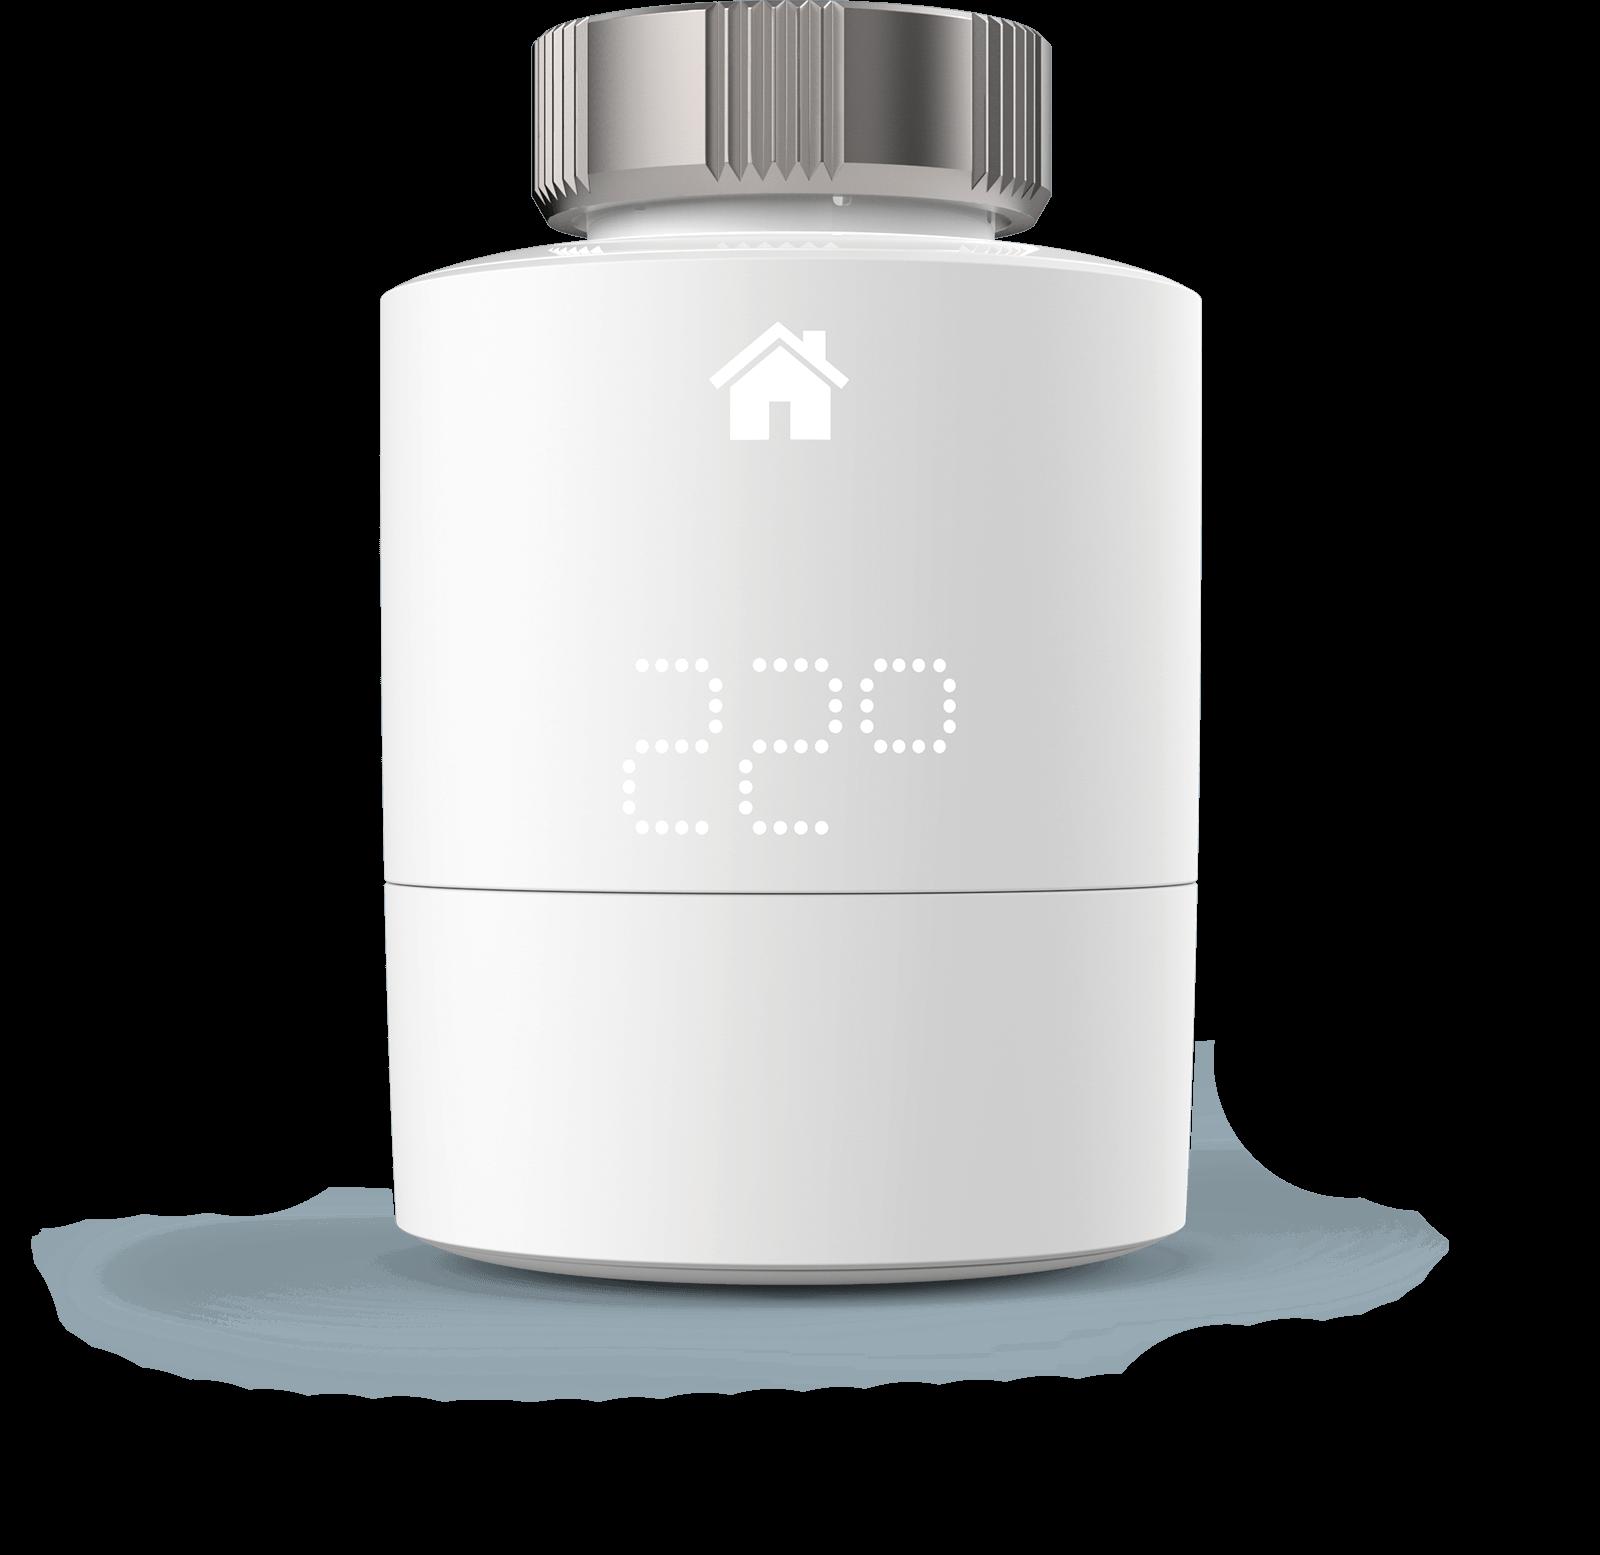 tado Heizkörper-Thermostat: Heizkörperstellantrieb per App steuern (Erweiterung zum Starter-Set)